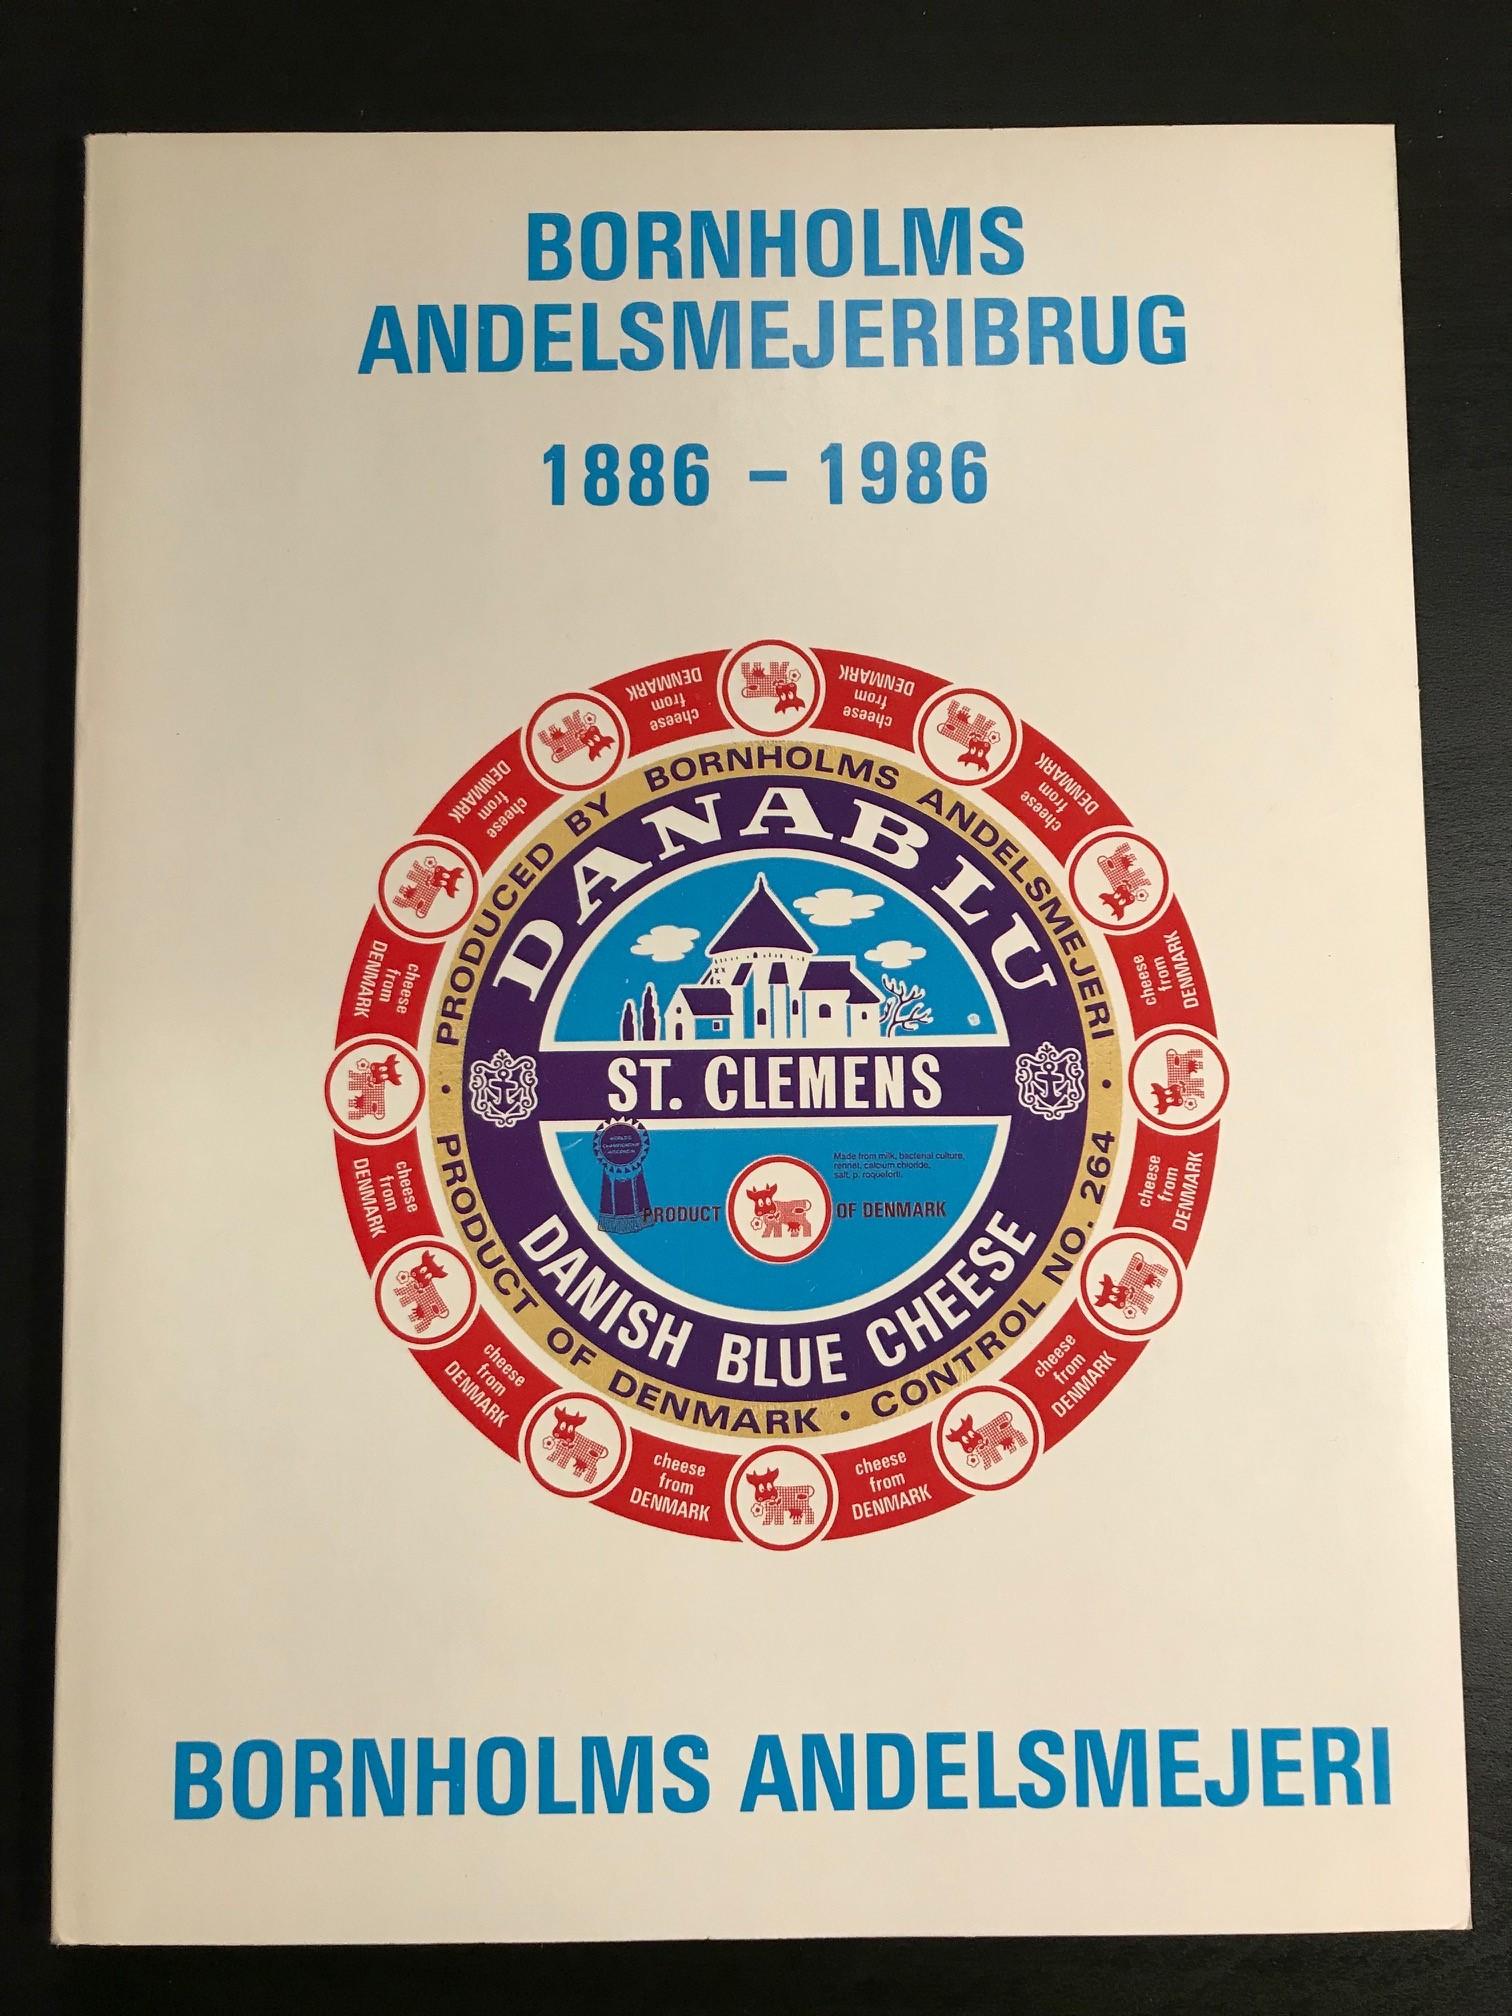 Bornholms Andelsmejeribrug 1886-1986